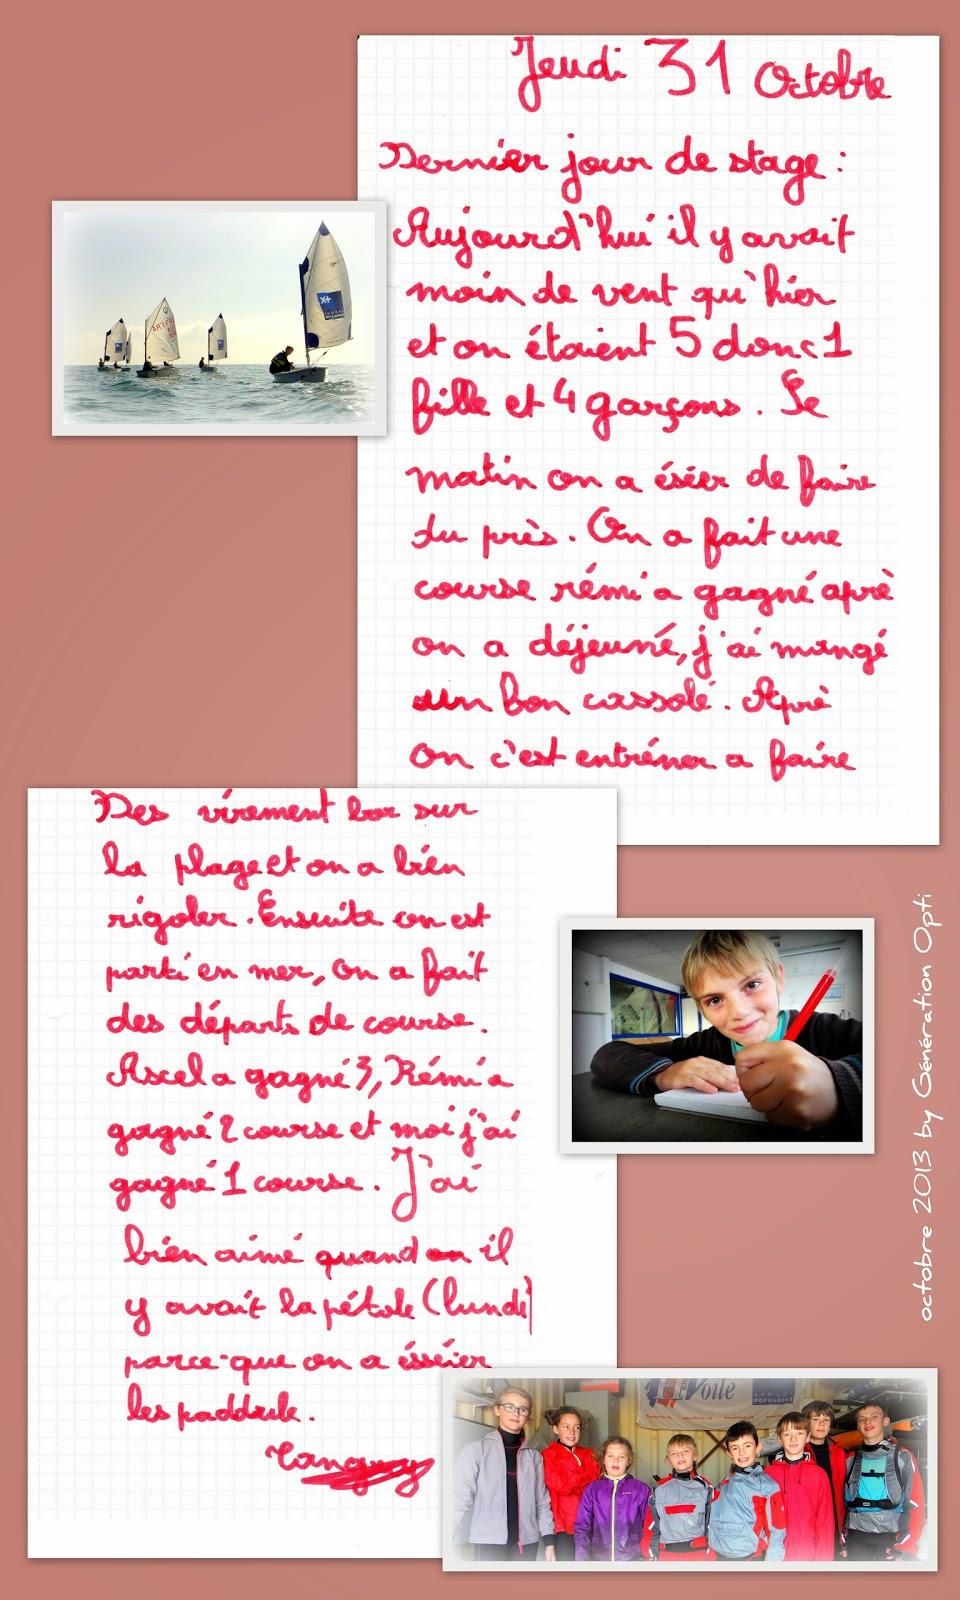 Voile stage sportif Optimist PO 66 Pyrénées_Orientales Toussaint_2013